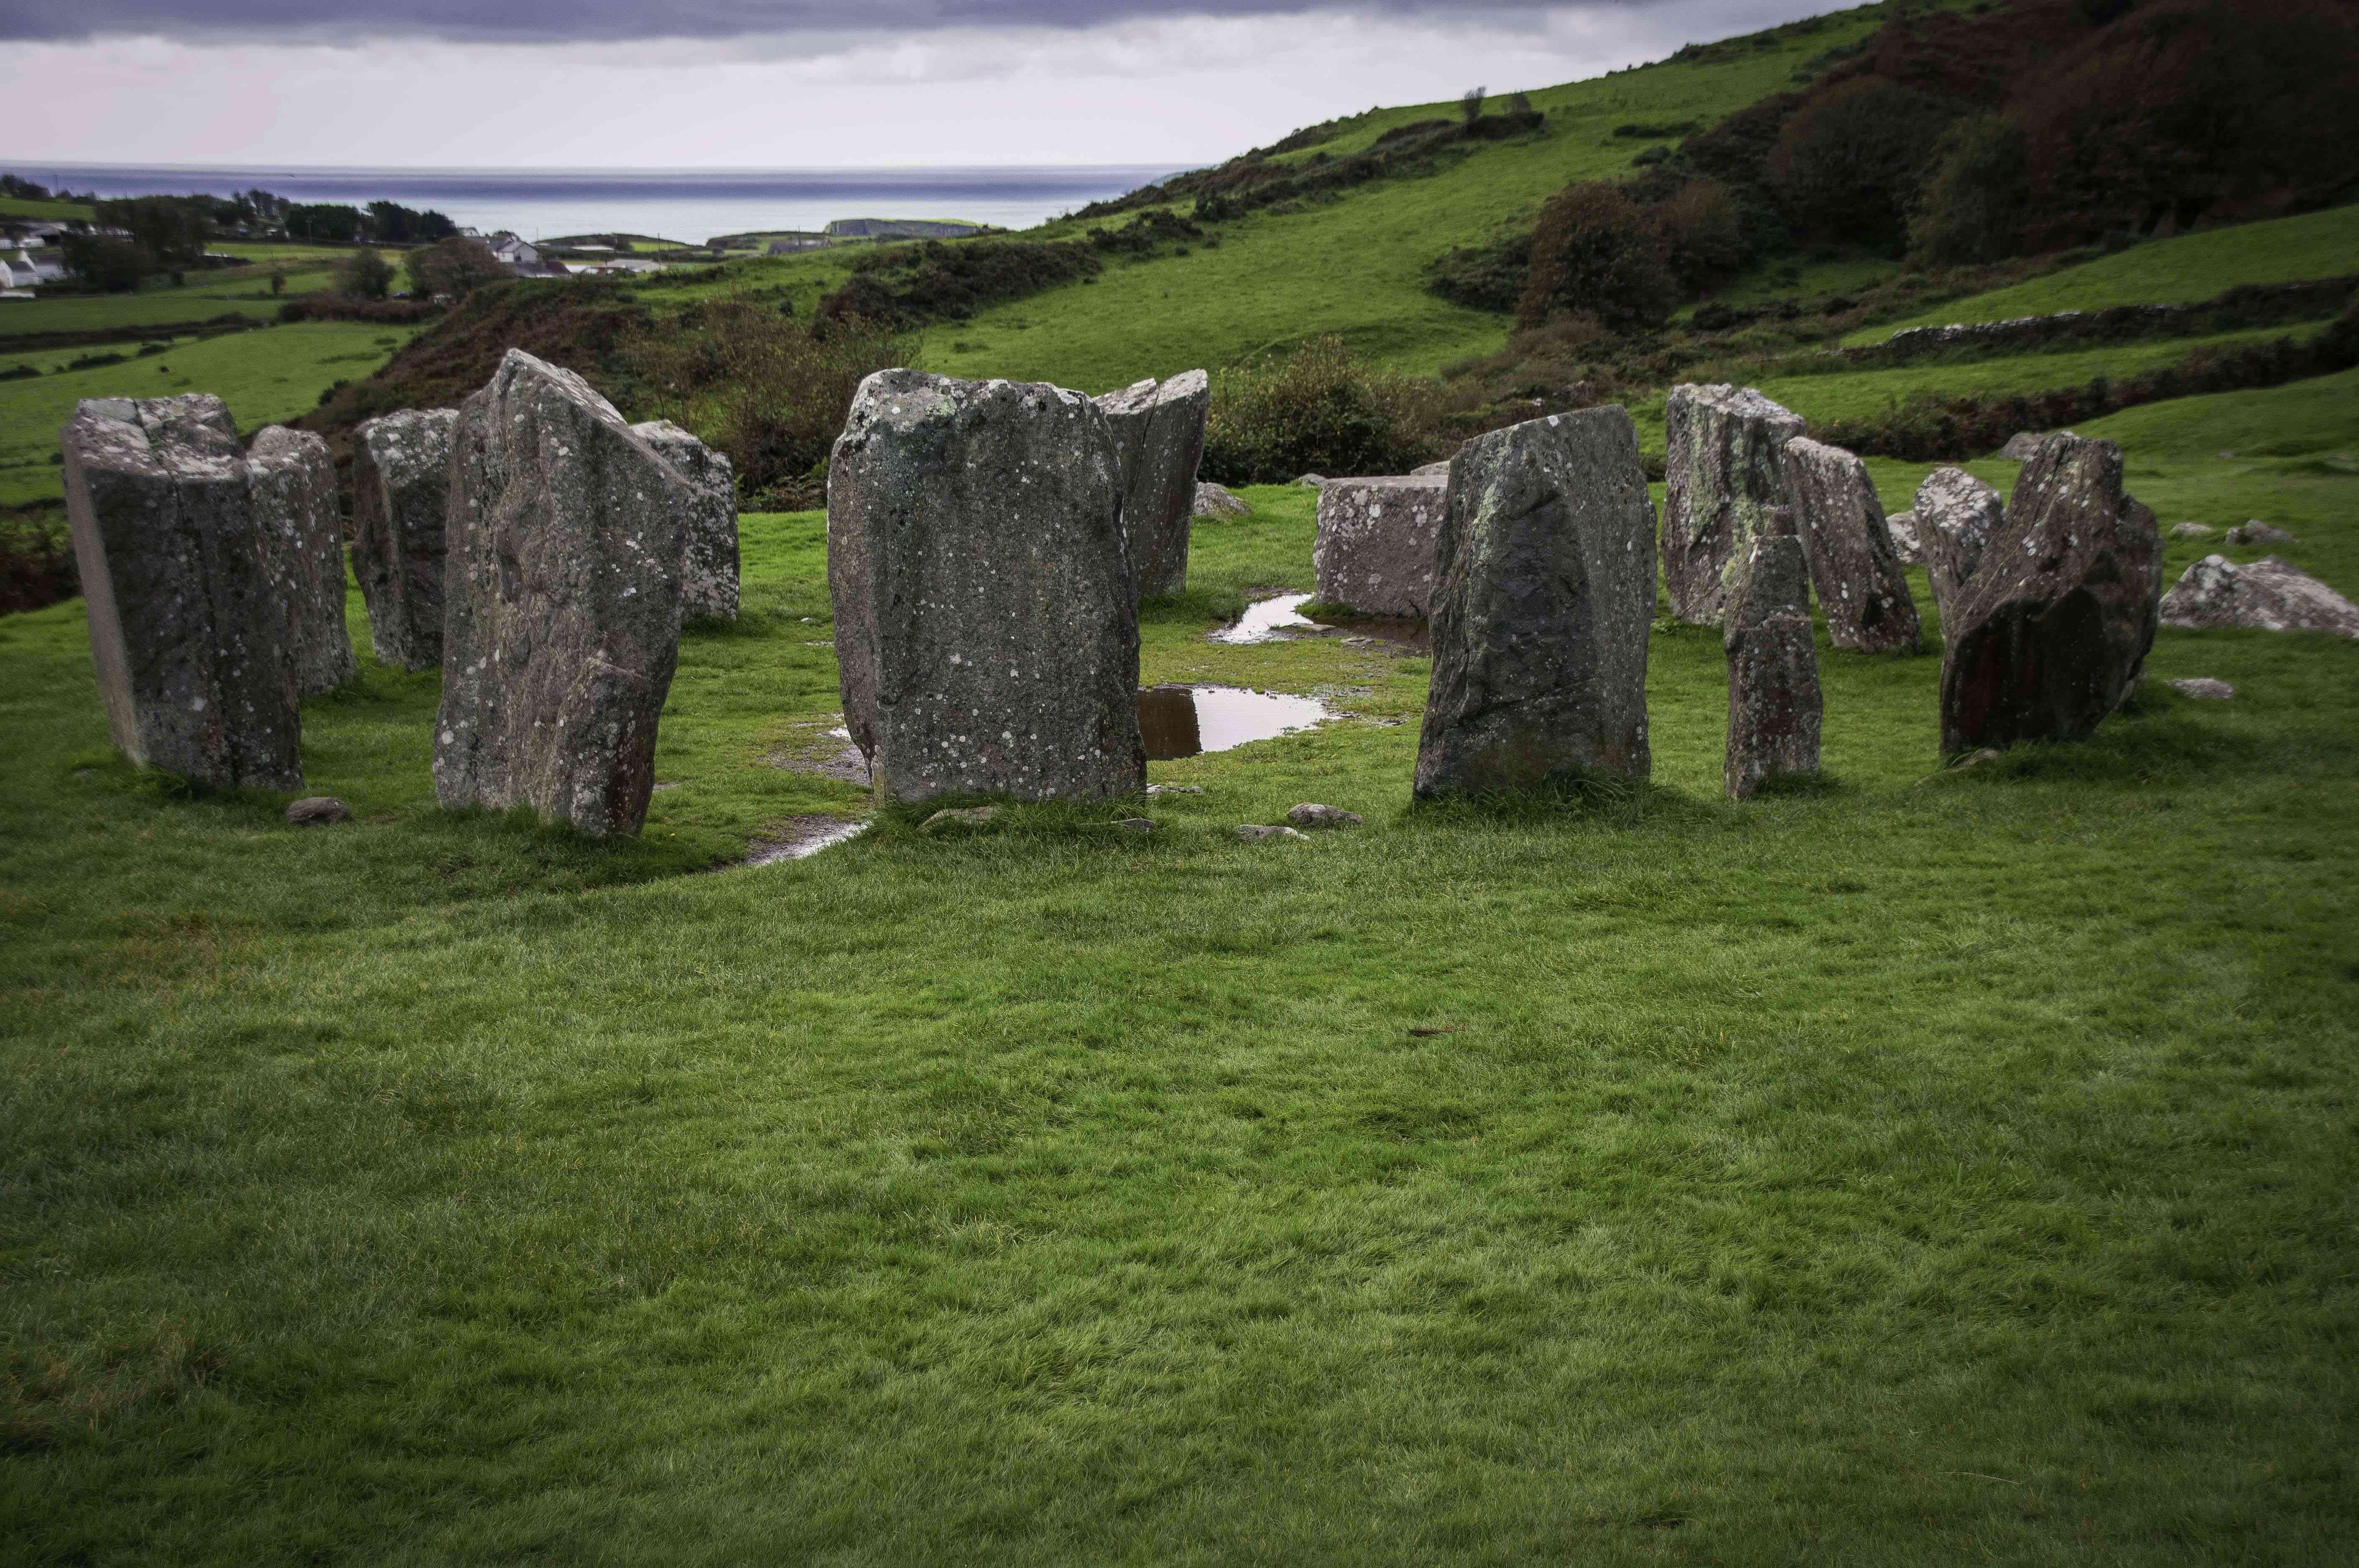 Ancient stones of Derreenataggart